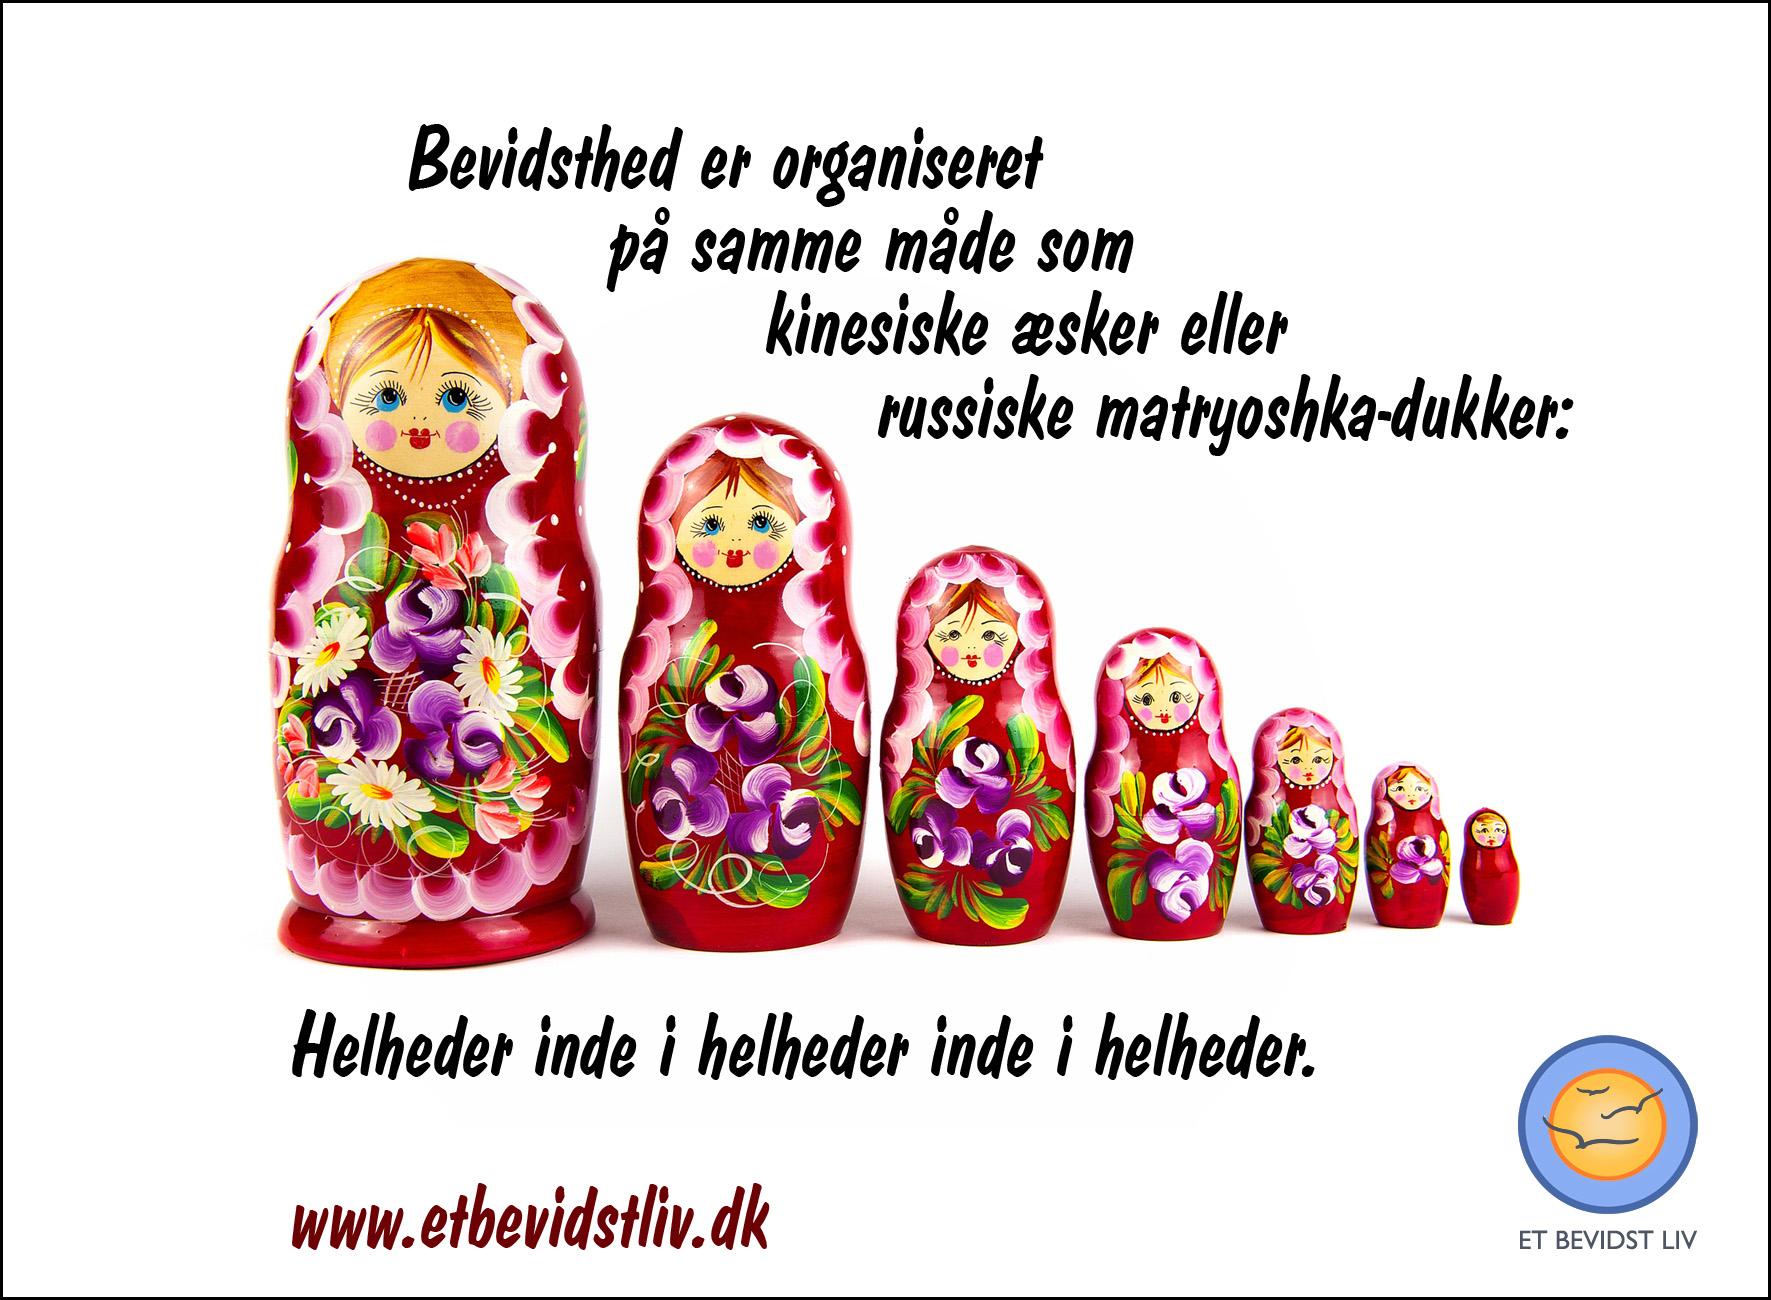 Foto af russiske matryoshka-dukker. Tekst: Bevidsthed er organiseret som helheder inde i helheder inde i helheder.